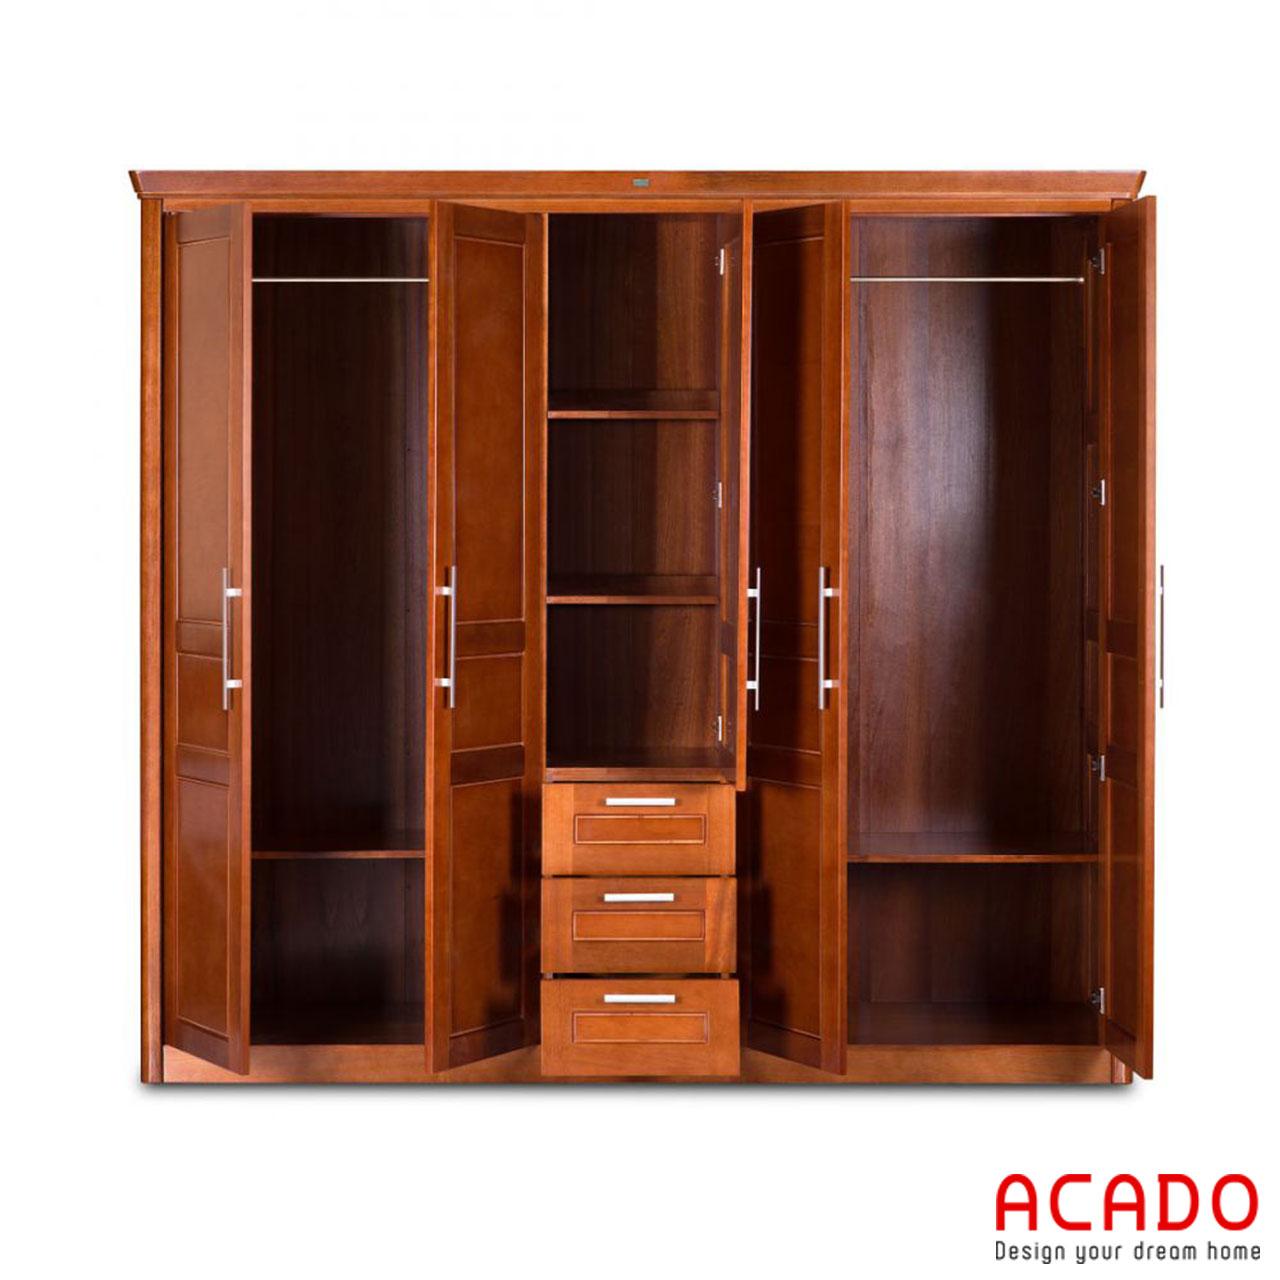 Tủ quần áo gỗ xoan đào tự nhiên thoải mái không gian để đồ cho bạn